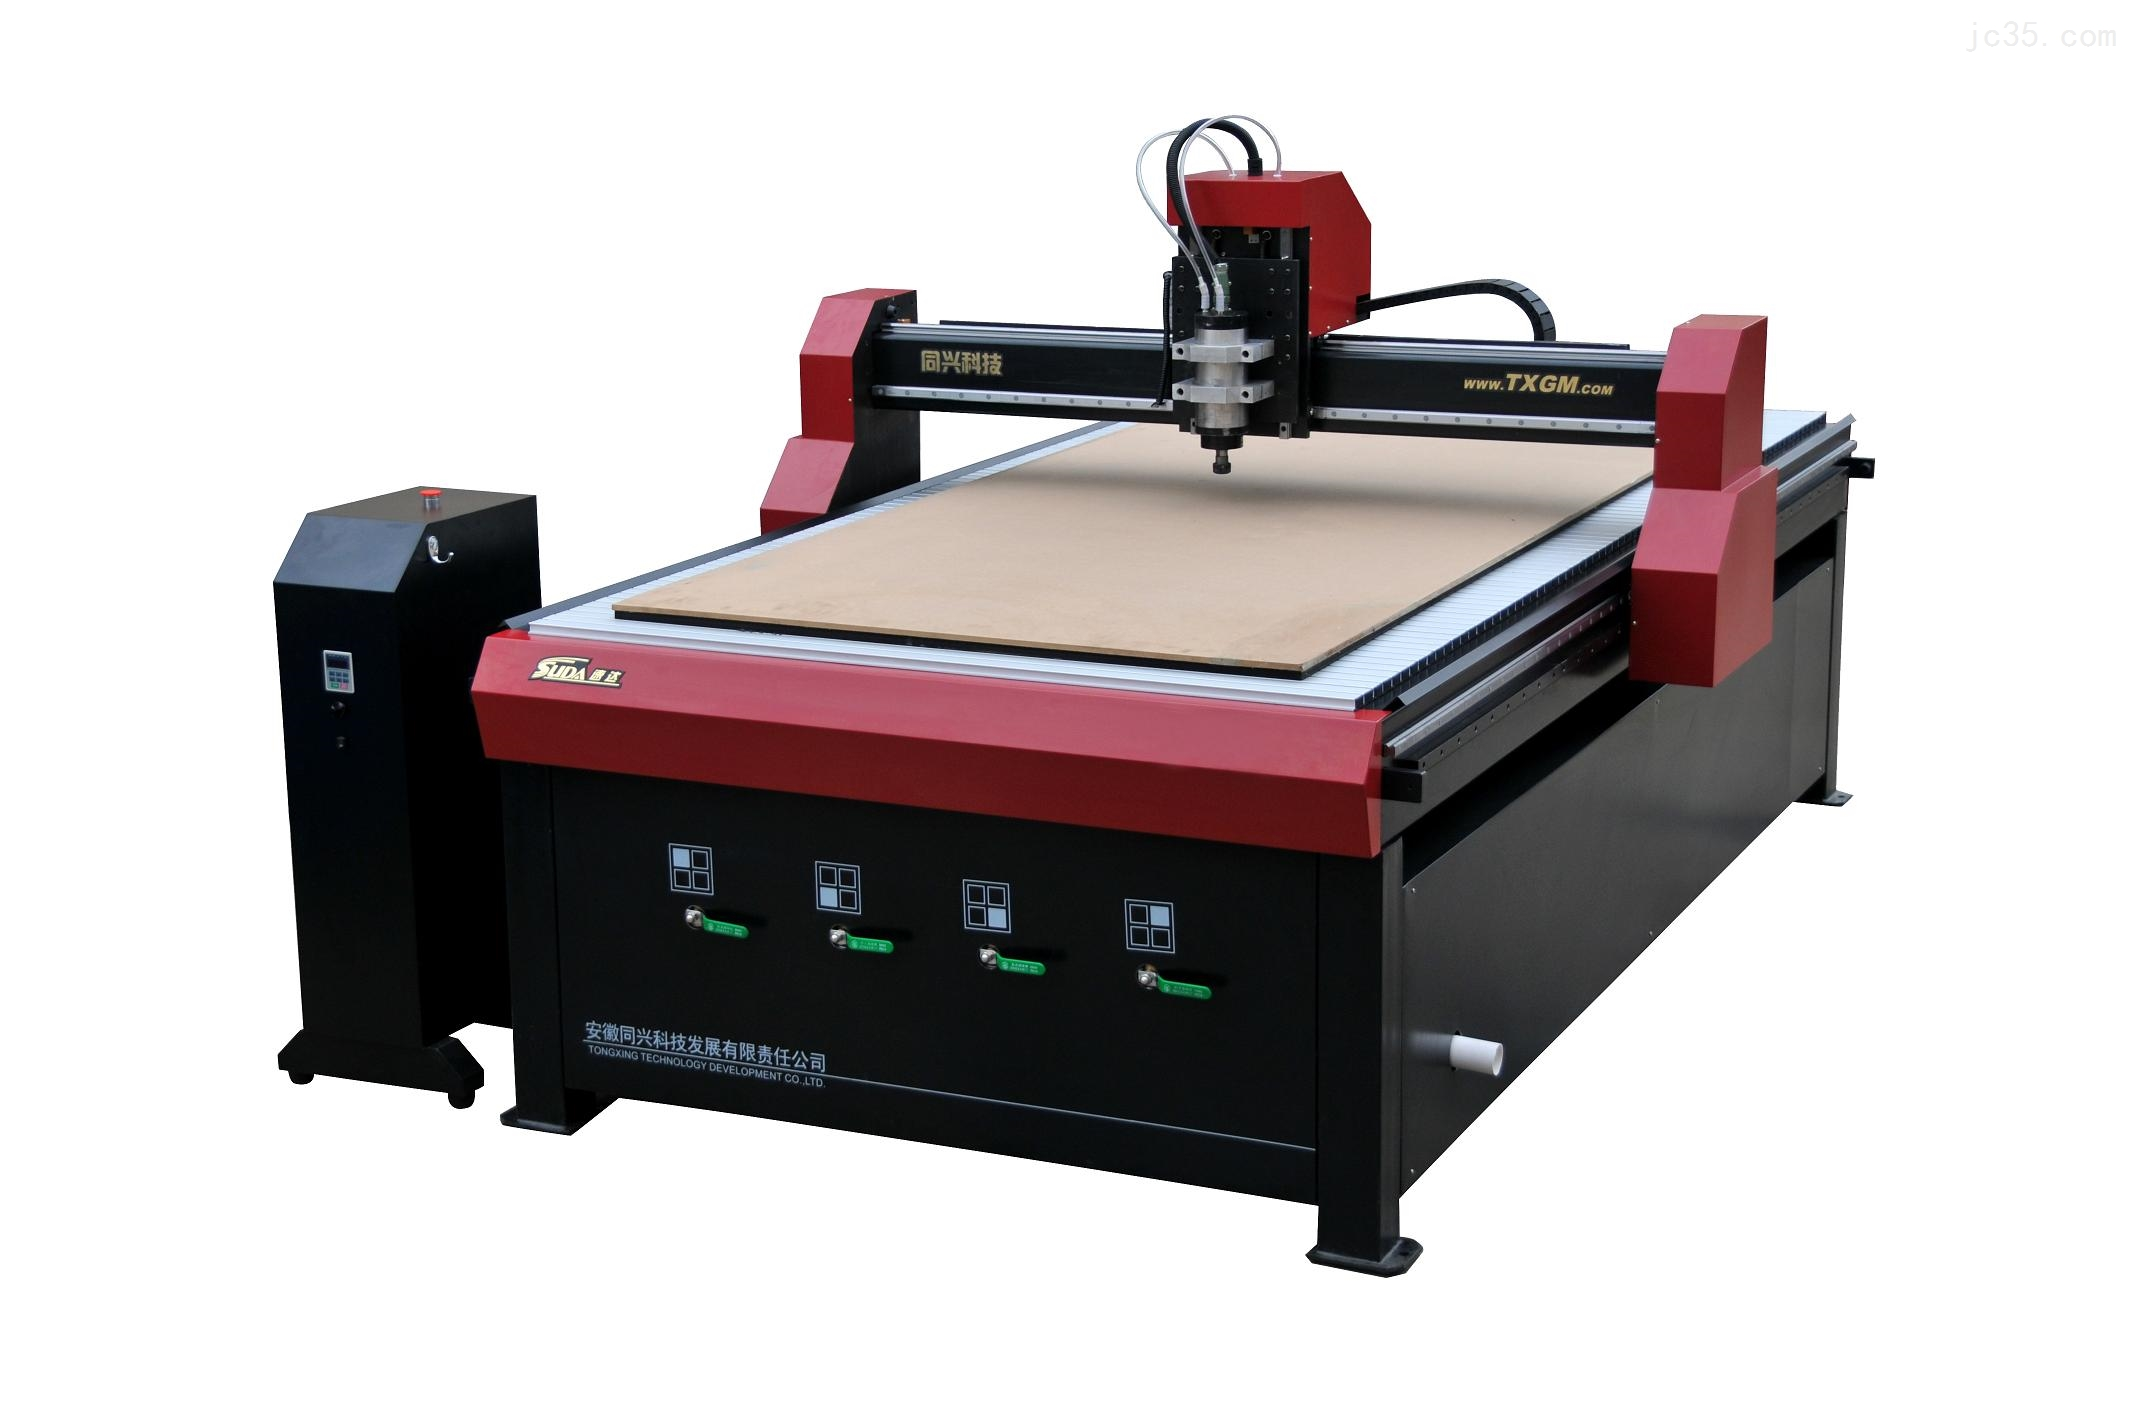 江苏雕刻机价格la1325木工机/数控雕刻机报价木门